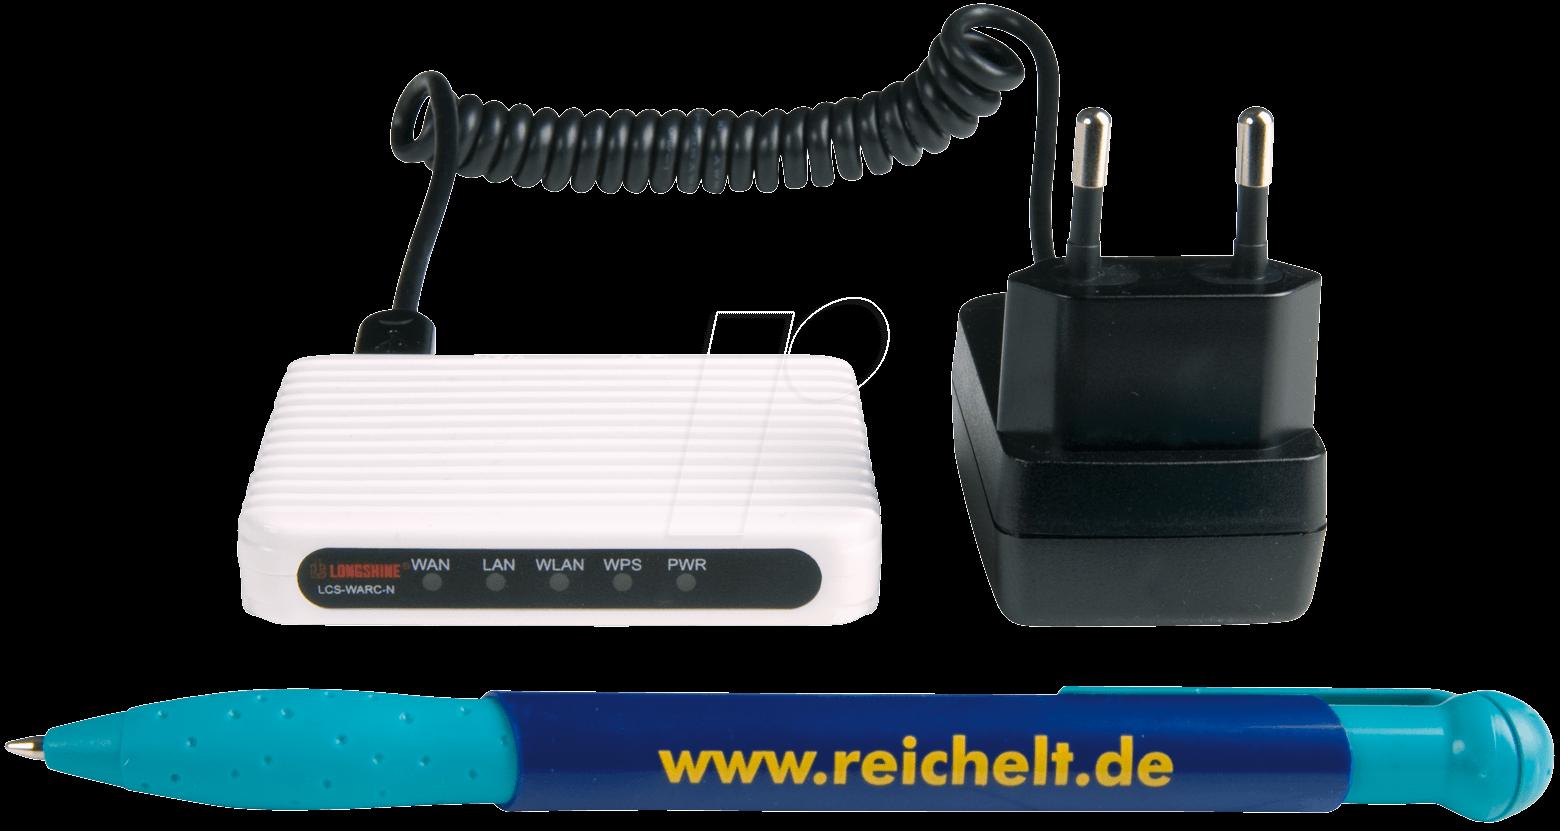 https://cdn-reichelt.de/bilder/web/xxl_ws/E910/LCS-WANC-N_02.png